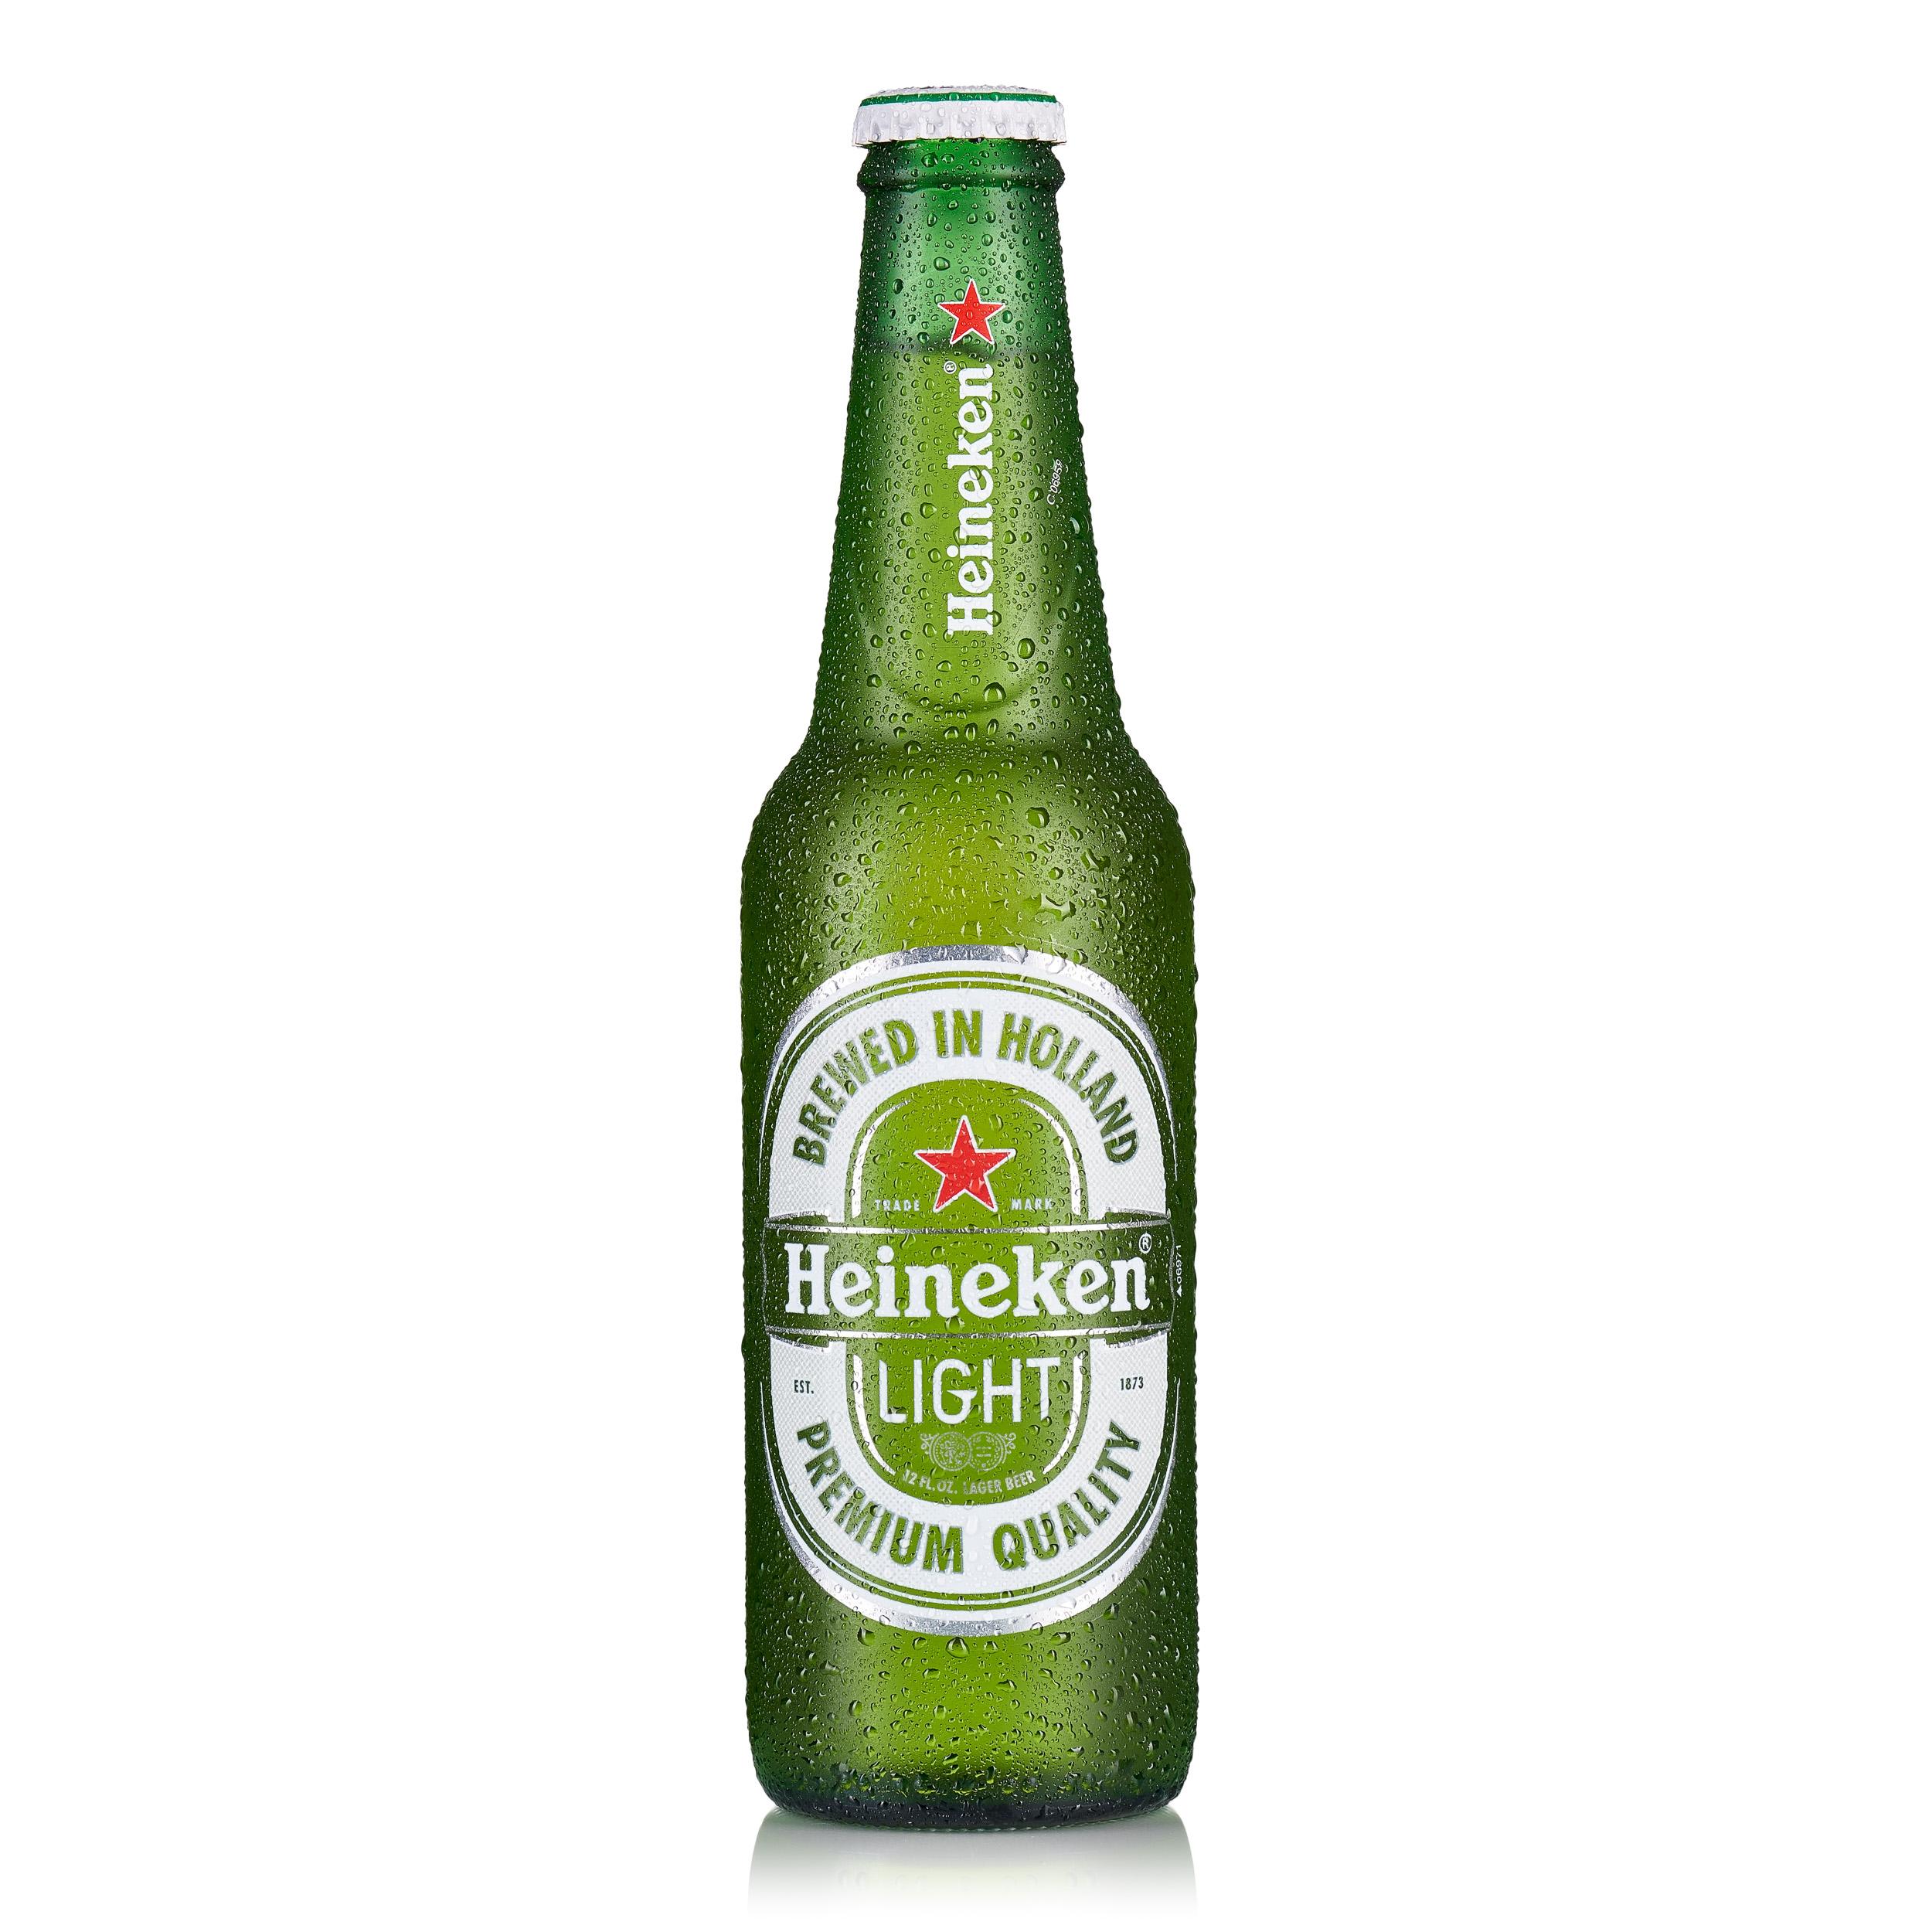 Miami_Fort_Lauderdale_commercial_photographer_Heineken_Beer_Bottle_Franklin_Castillo-Edit.jpg